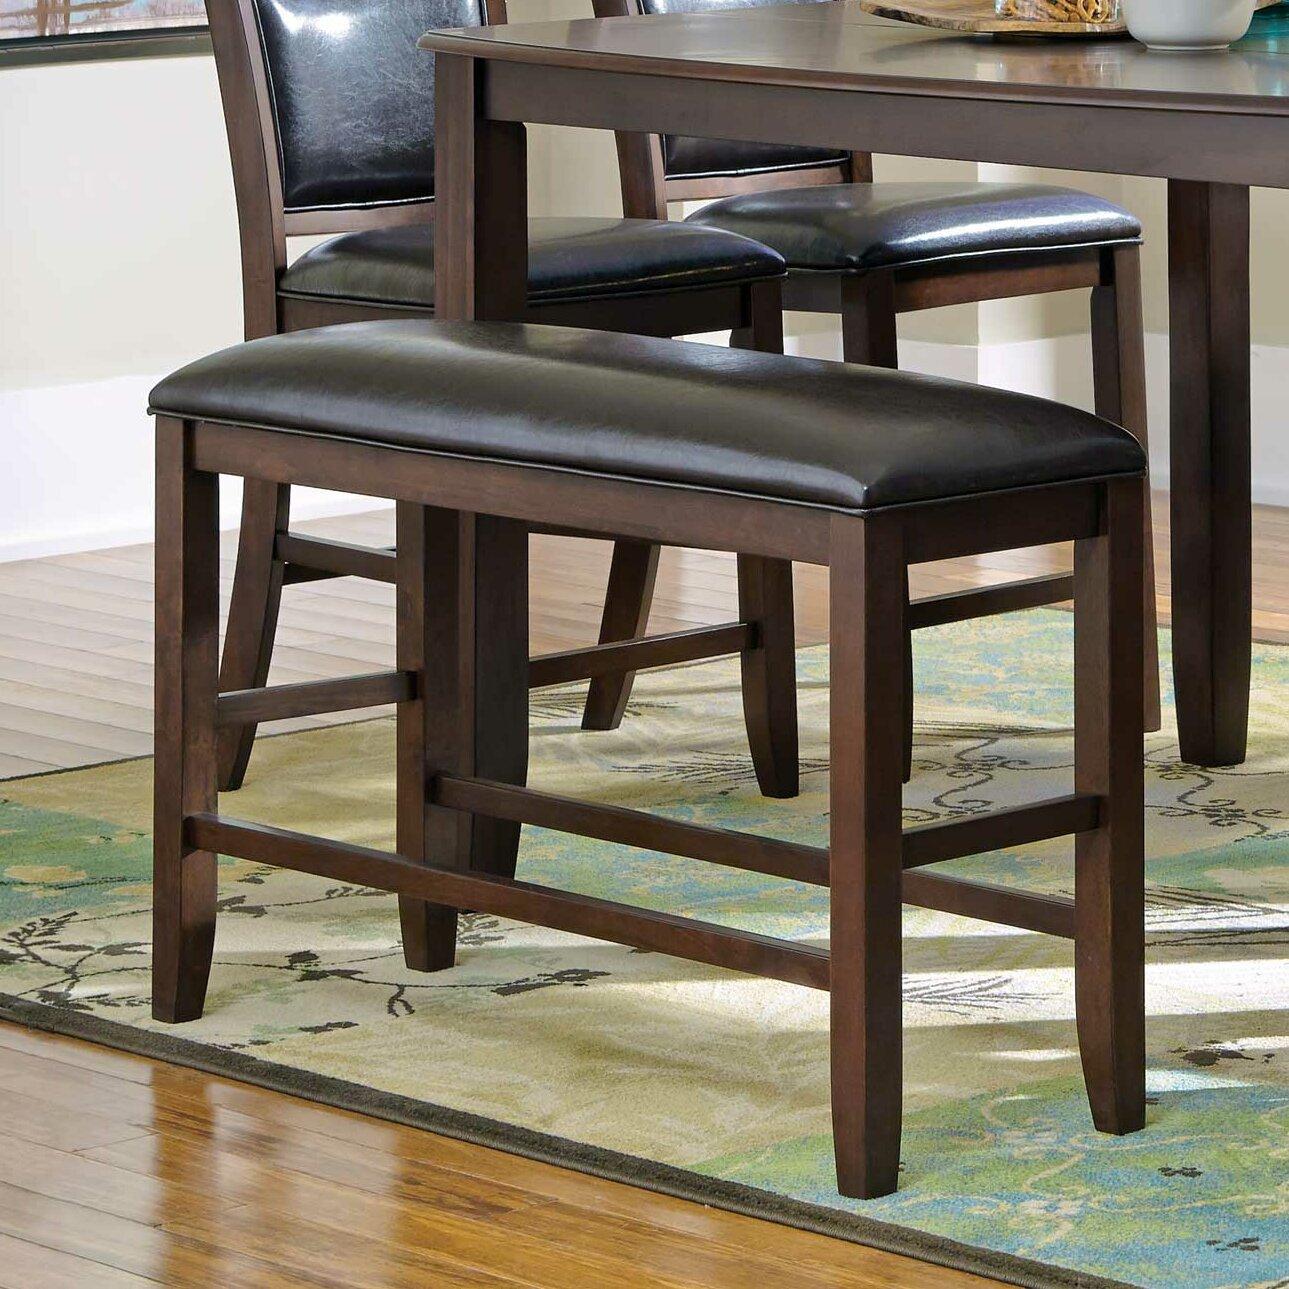 Mangels Upholstered Kitchen Bench in Dark Brown